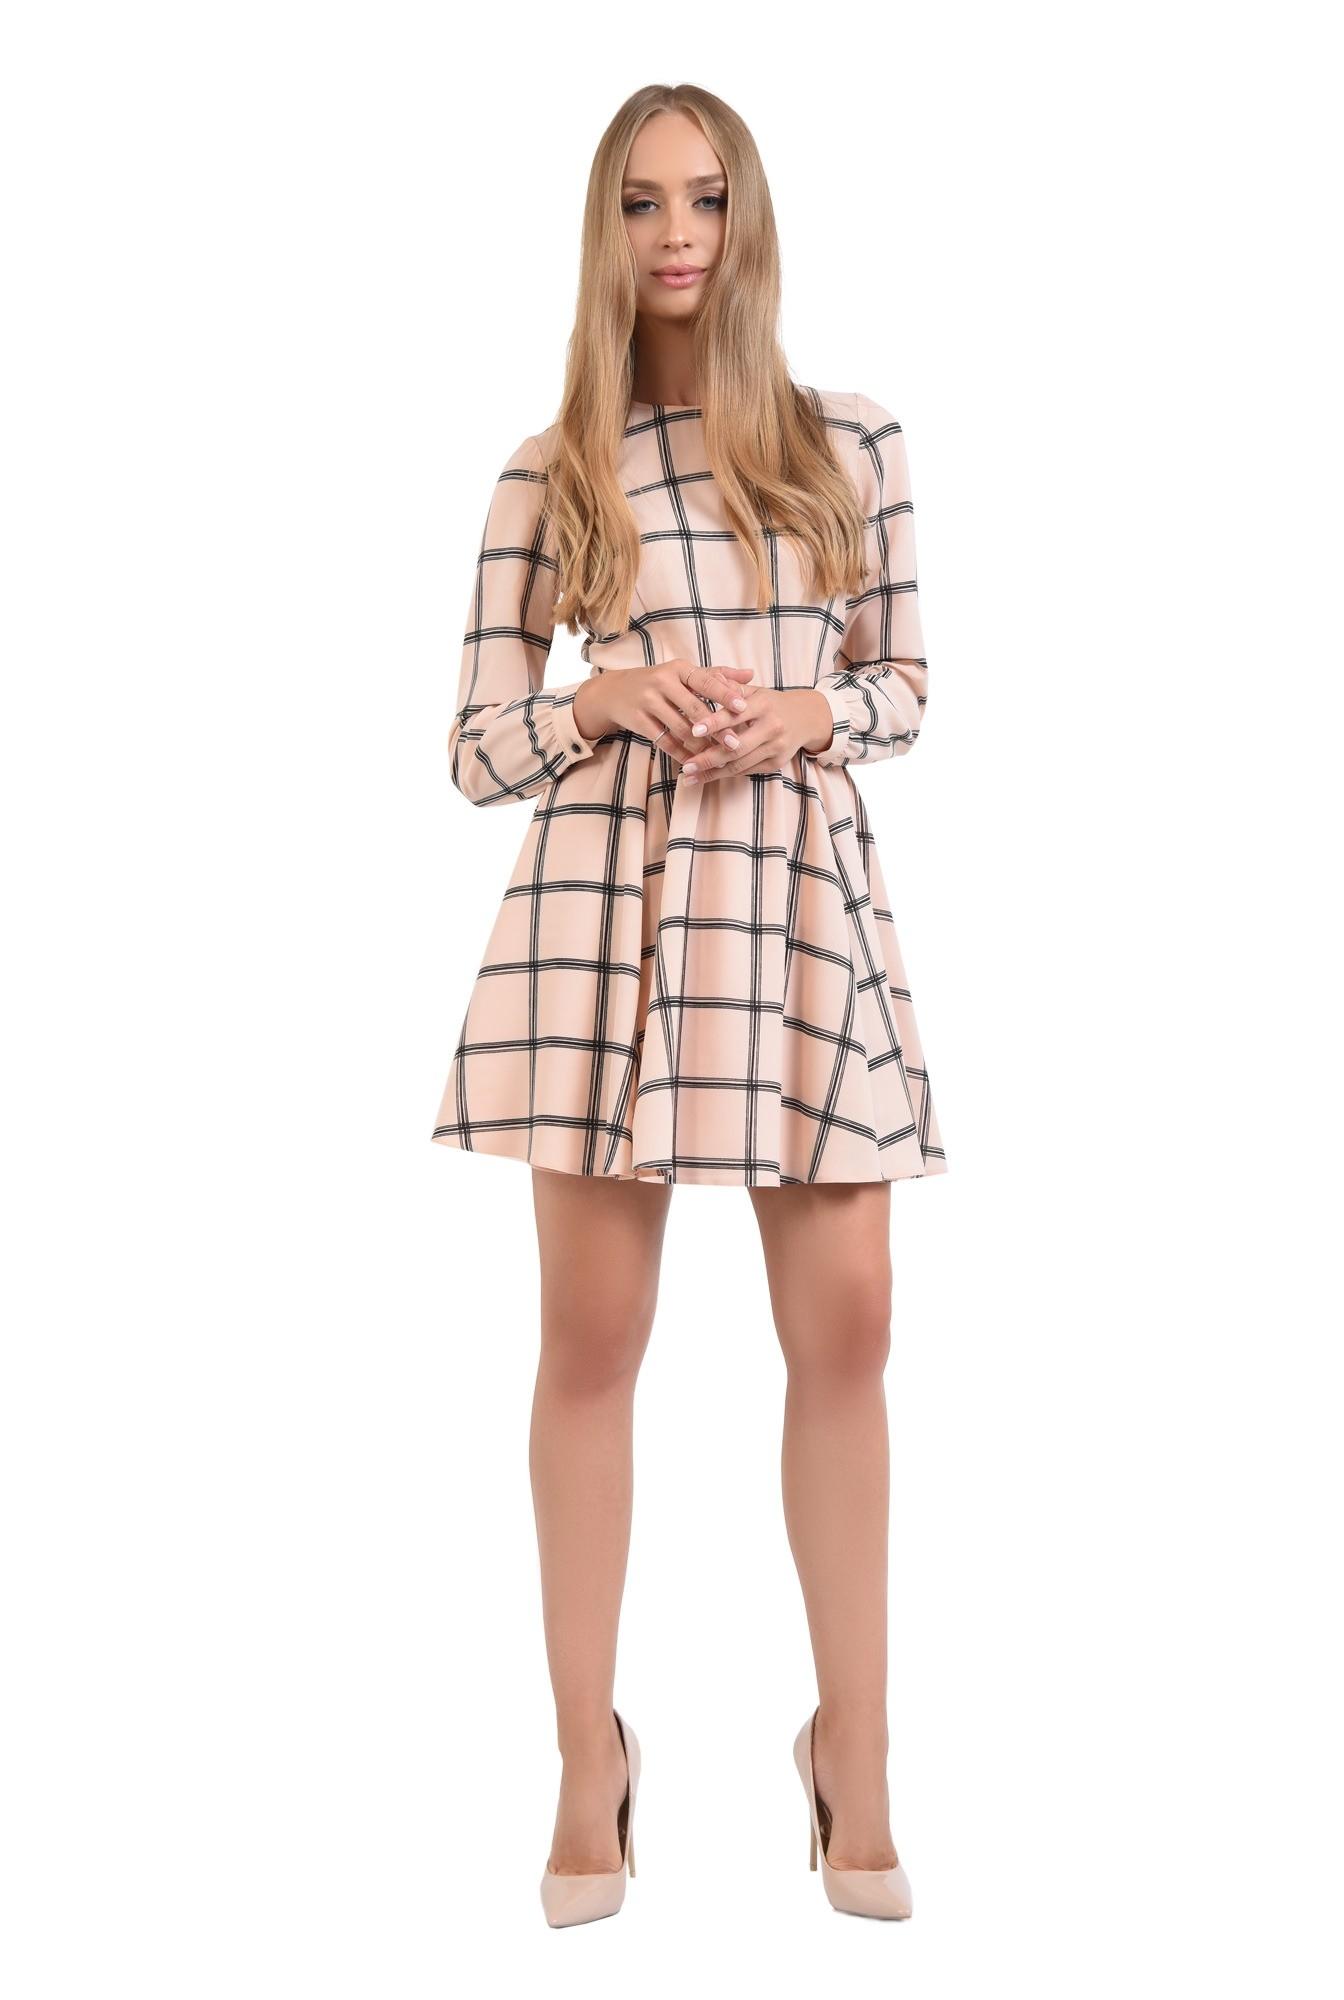 rochie mini, maneca lunga, decolteu la baza gatului